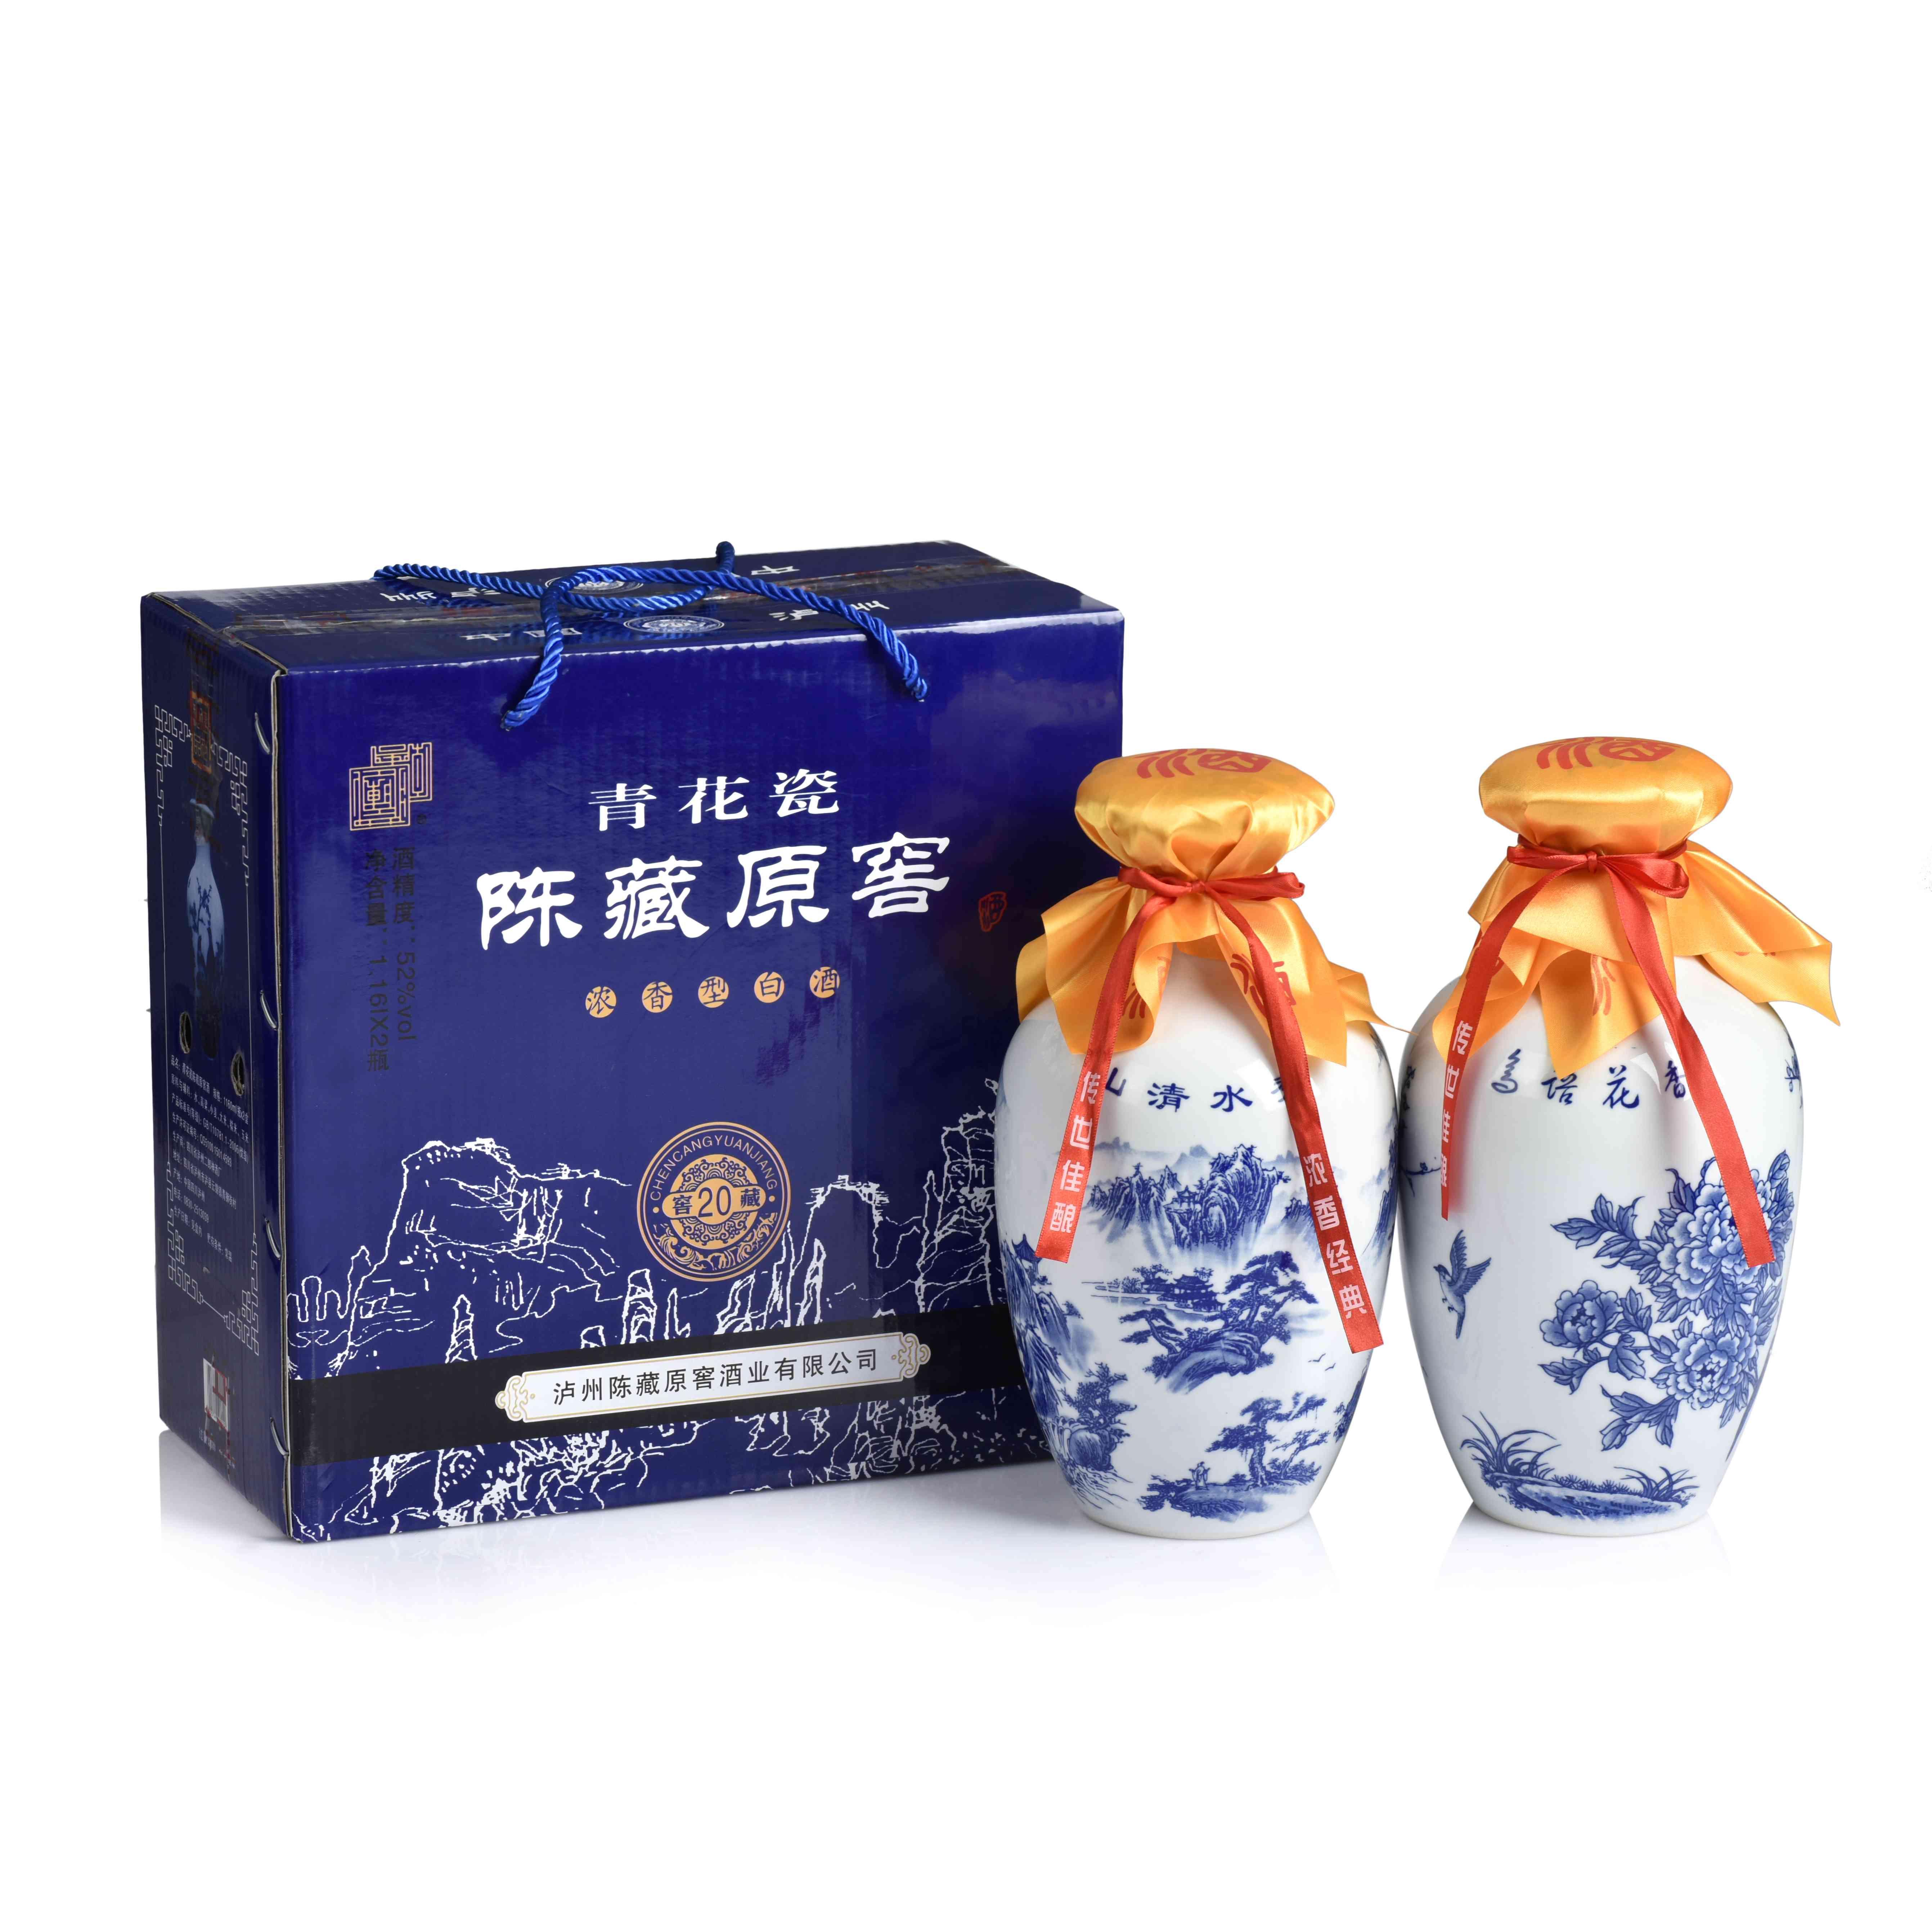 二十年窖藏陈藏原窖(大青花),二十年窖藏陈藏原窖浓香型(52度),成都白酒团购,成都白酒批发